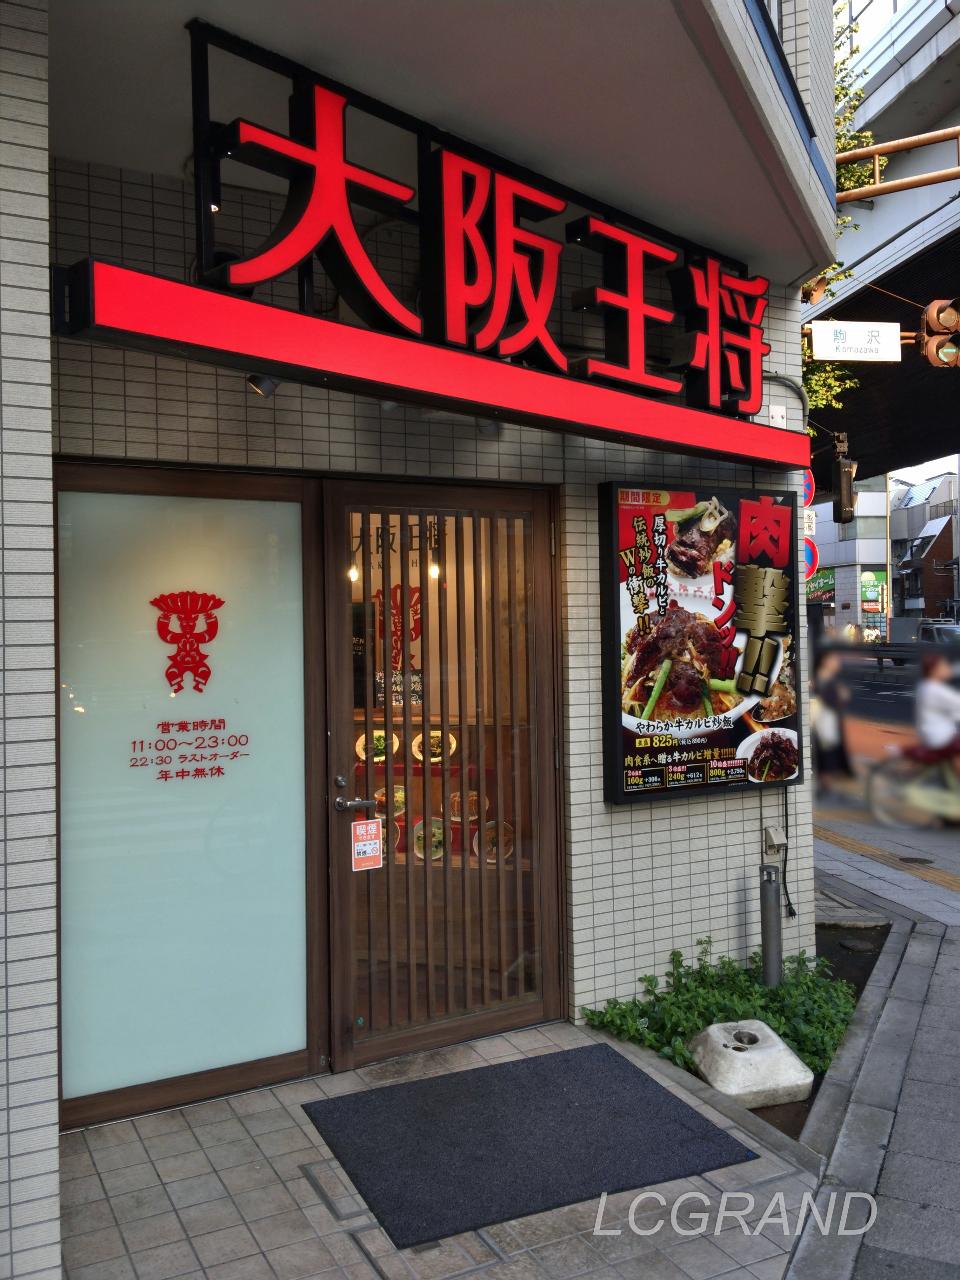 駒沢の交差点の角にある大阪王将駒沢店